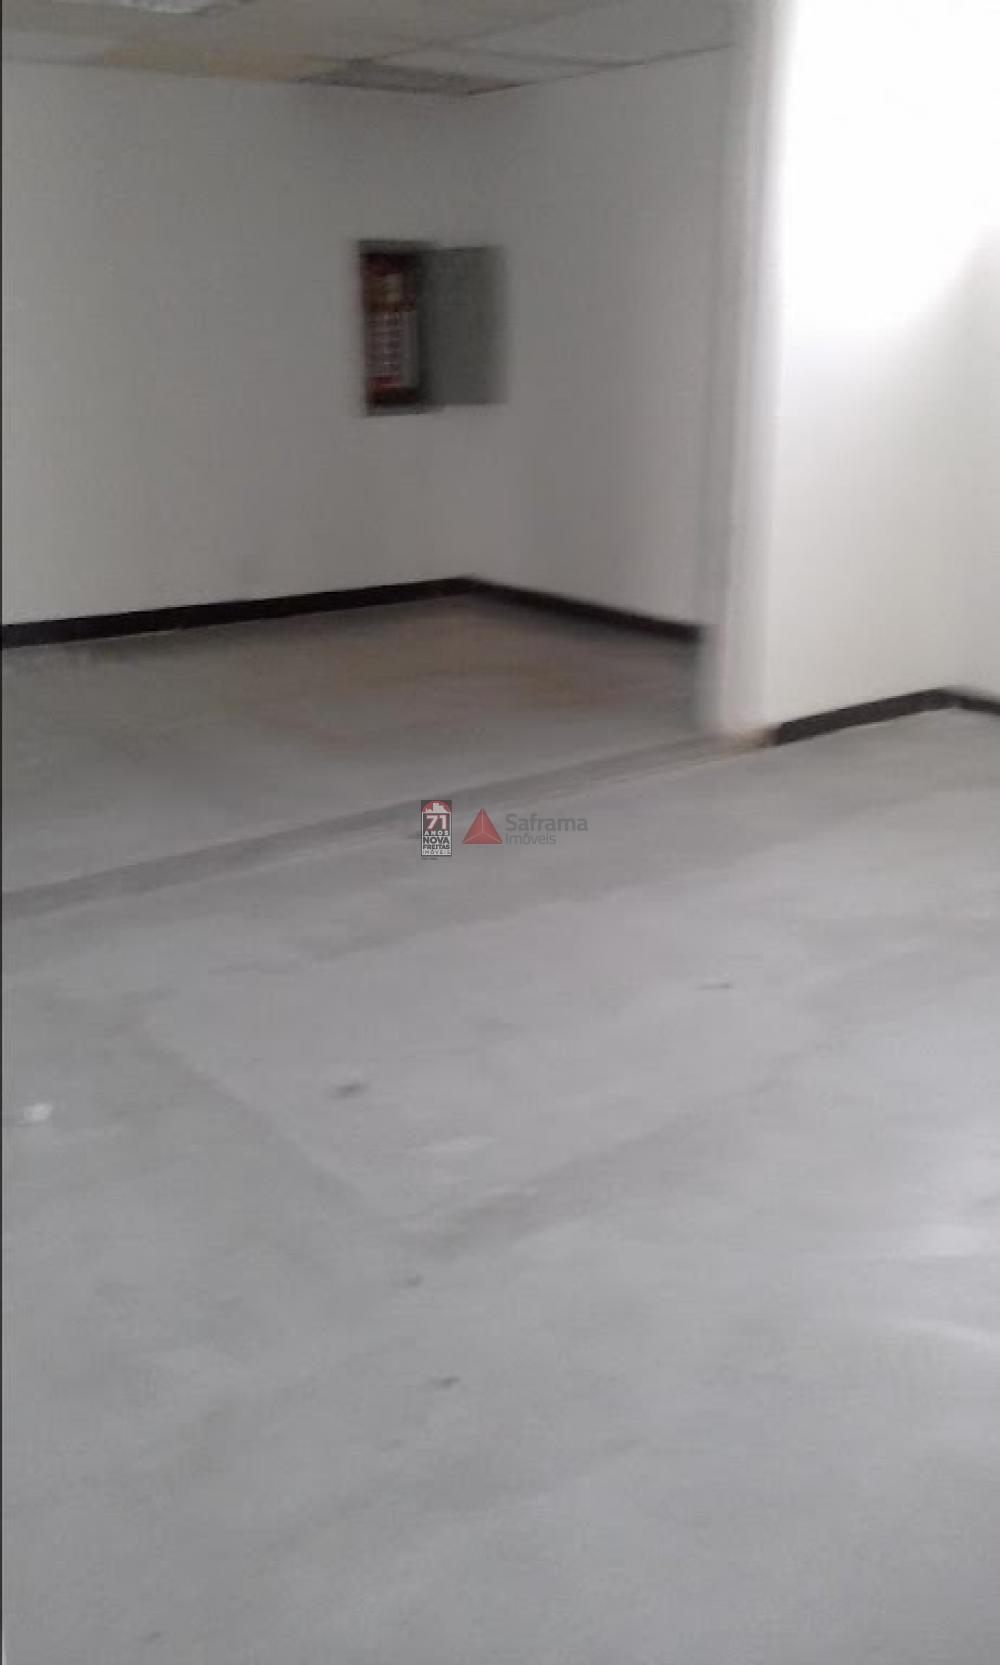 Alugar Comercial / Prédio em São José dos Campos R$ 30.000,00 - Foto 13